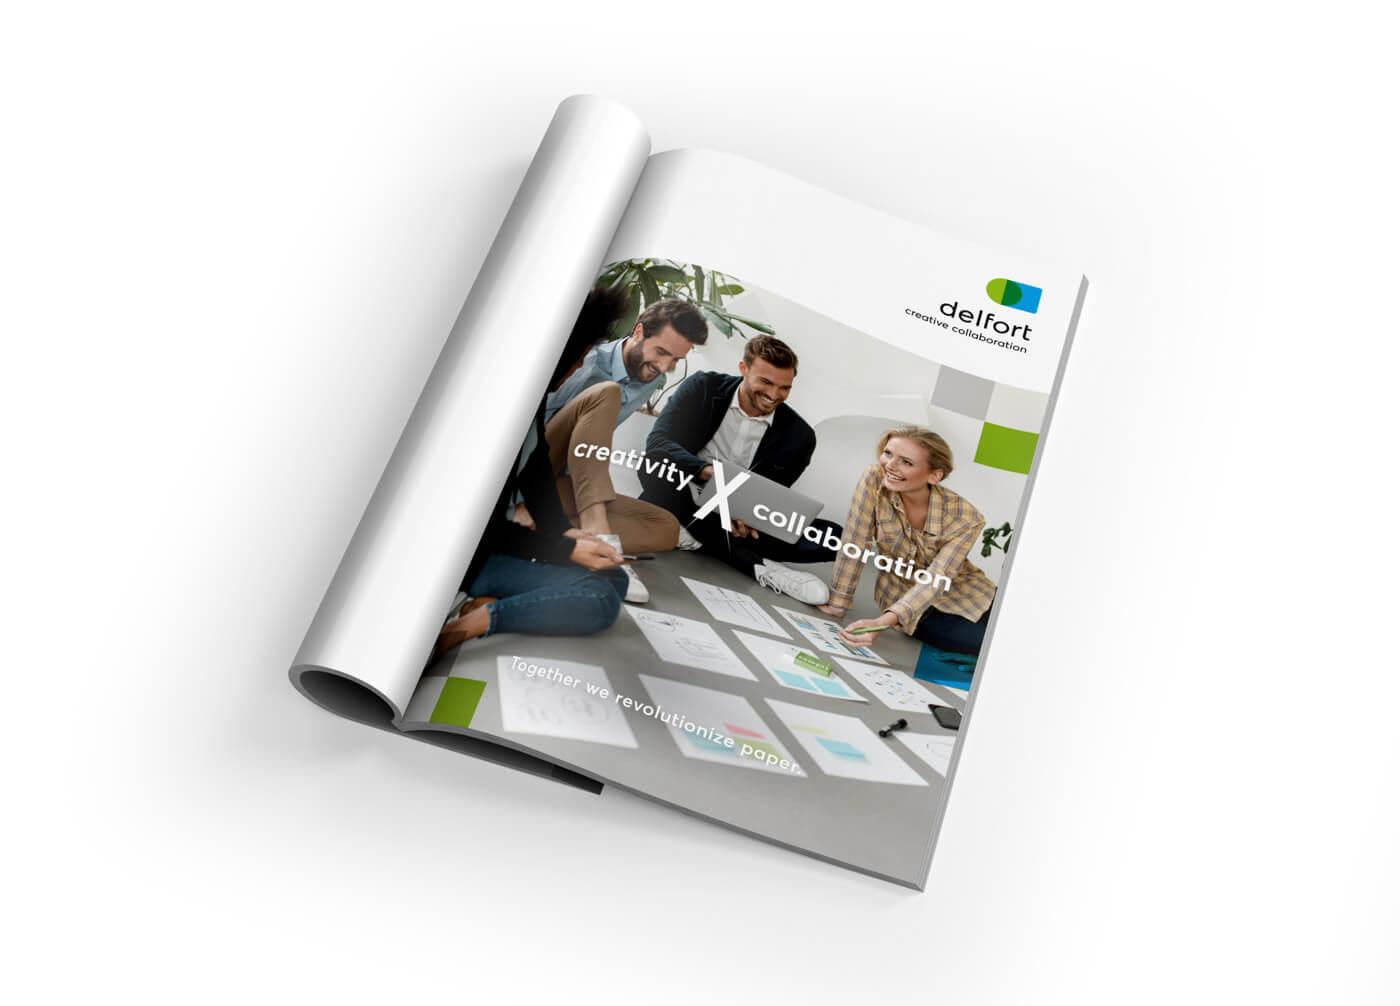 Werbeagentur Linz Artgroup Vorschaubild für Corporate Design